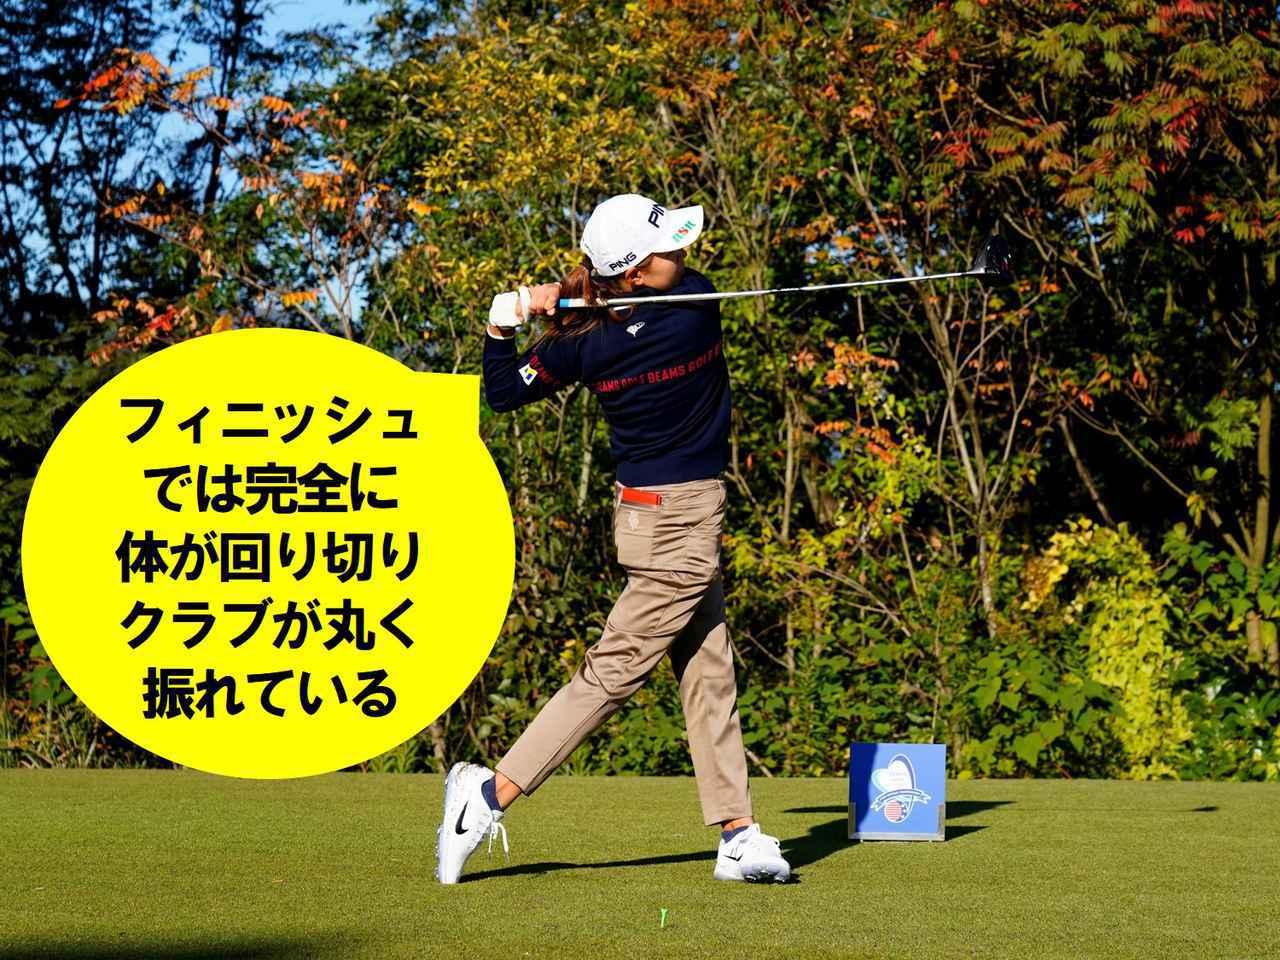 画像6: 【渋野日向子】小さな動きで最大パワーと最速スピード。これぞ令和のアスレチックスウィング!